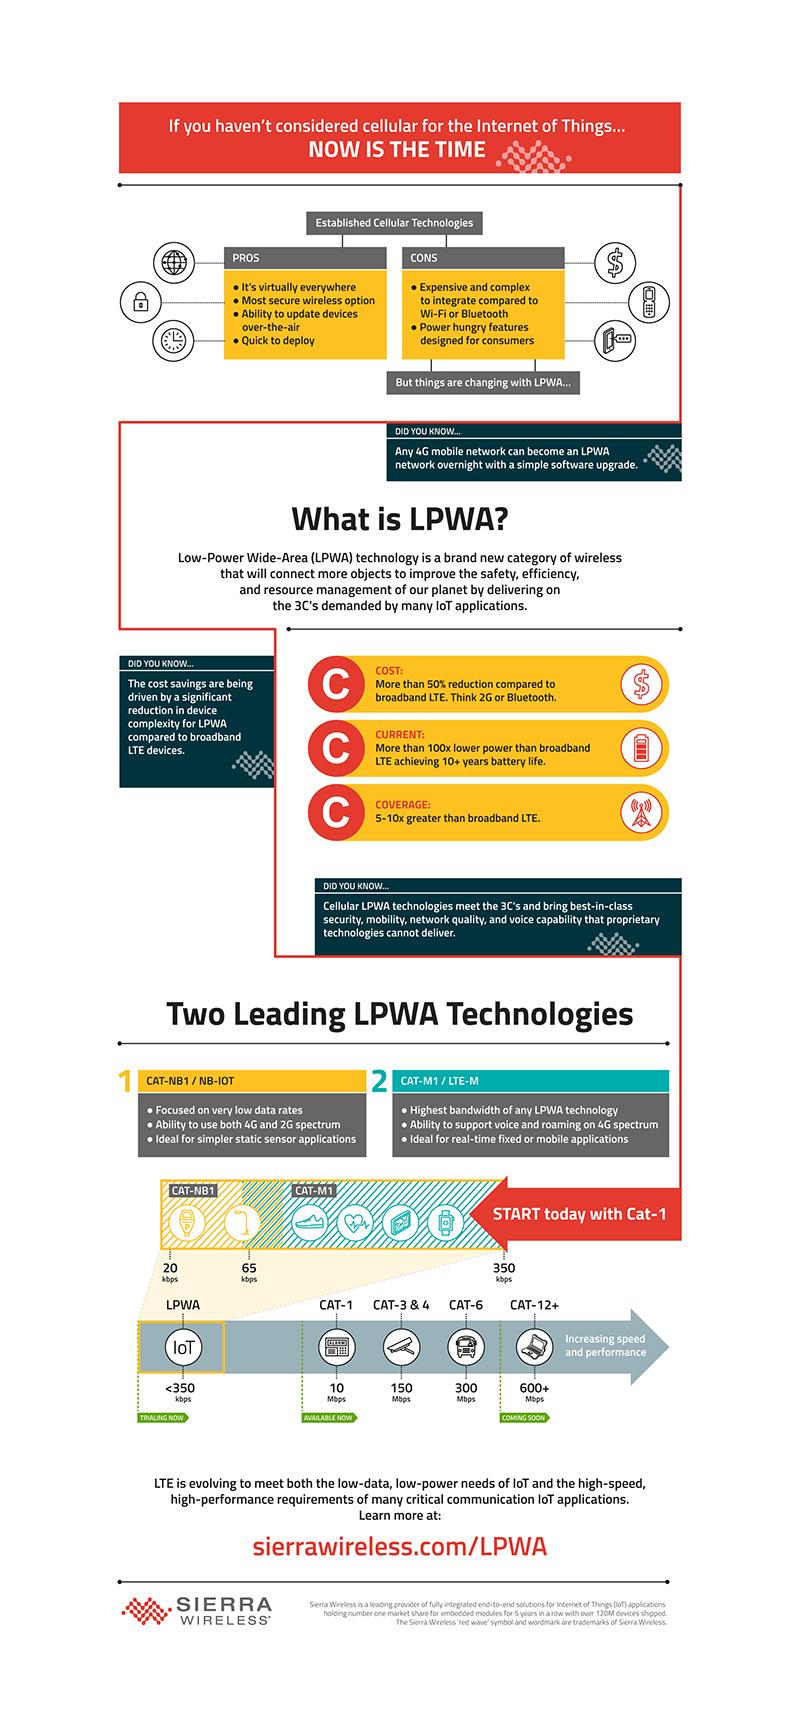 Sierra Wireless LPWA infographic